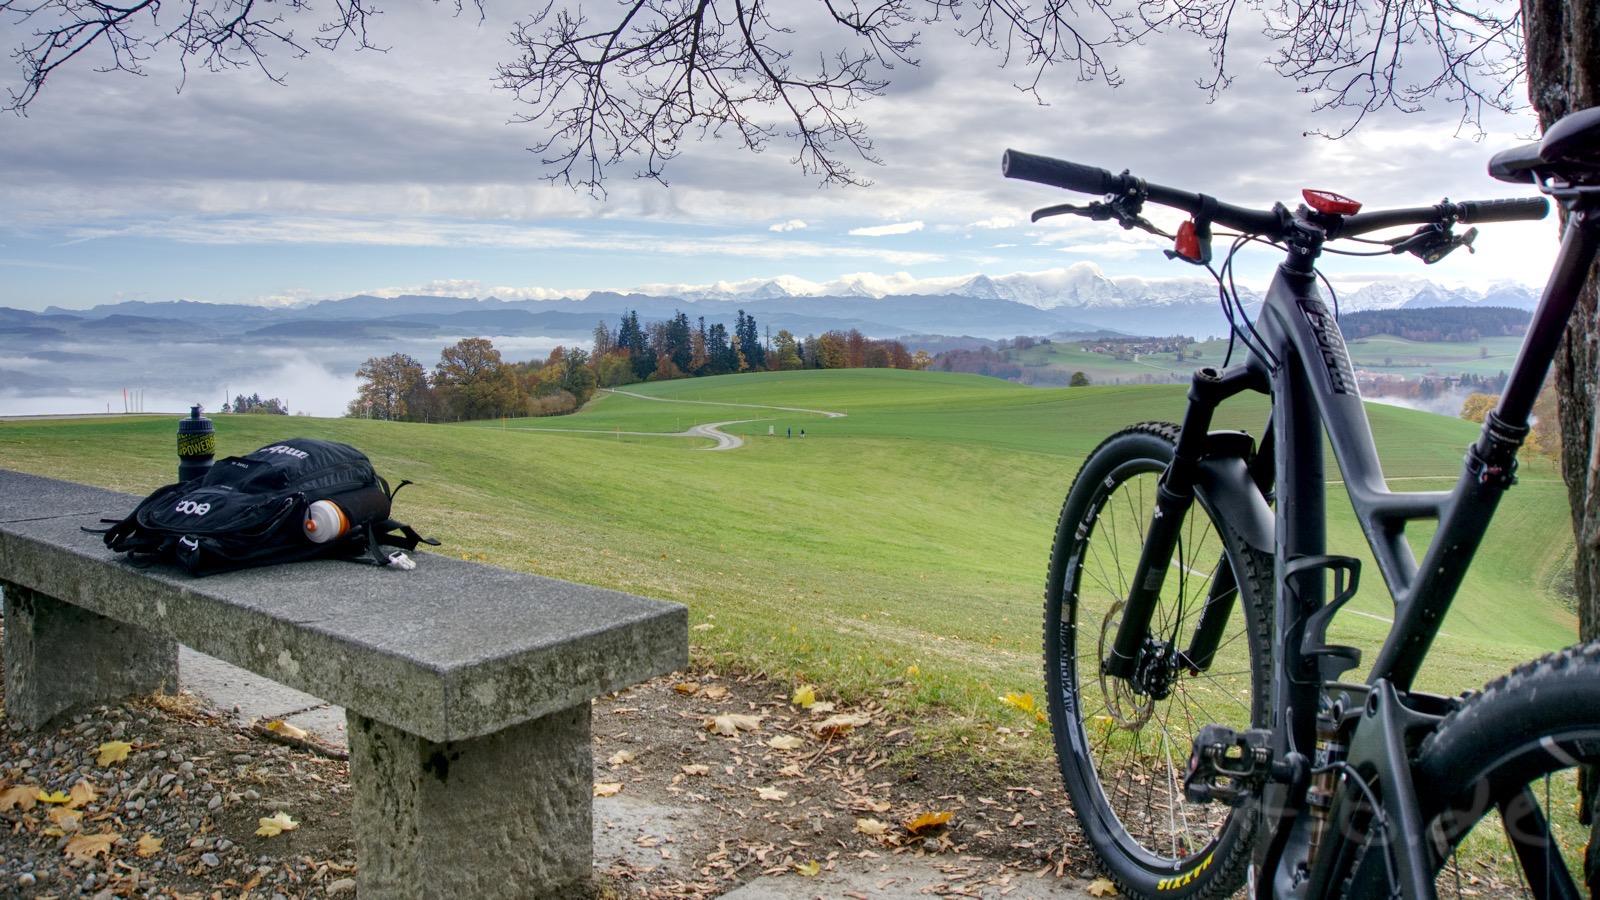 Rechts: Neues Bike - Links: Nebel aus dem wir geflohen sind - Hintergrund: Verschneites Oberland